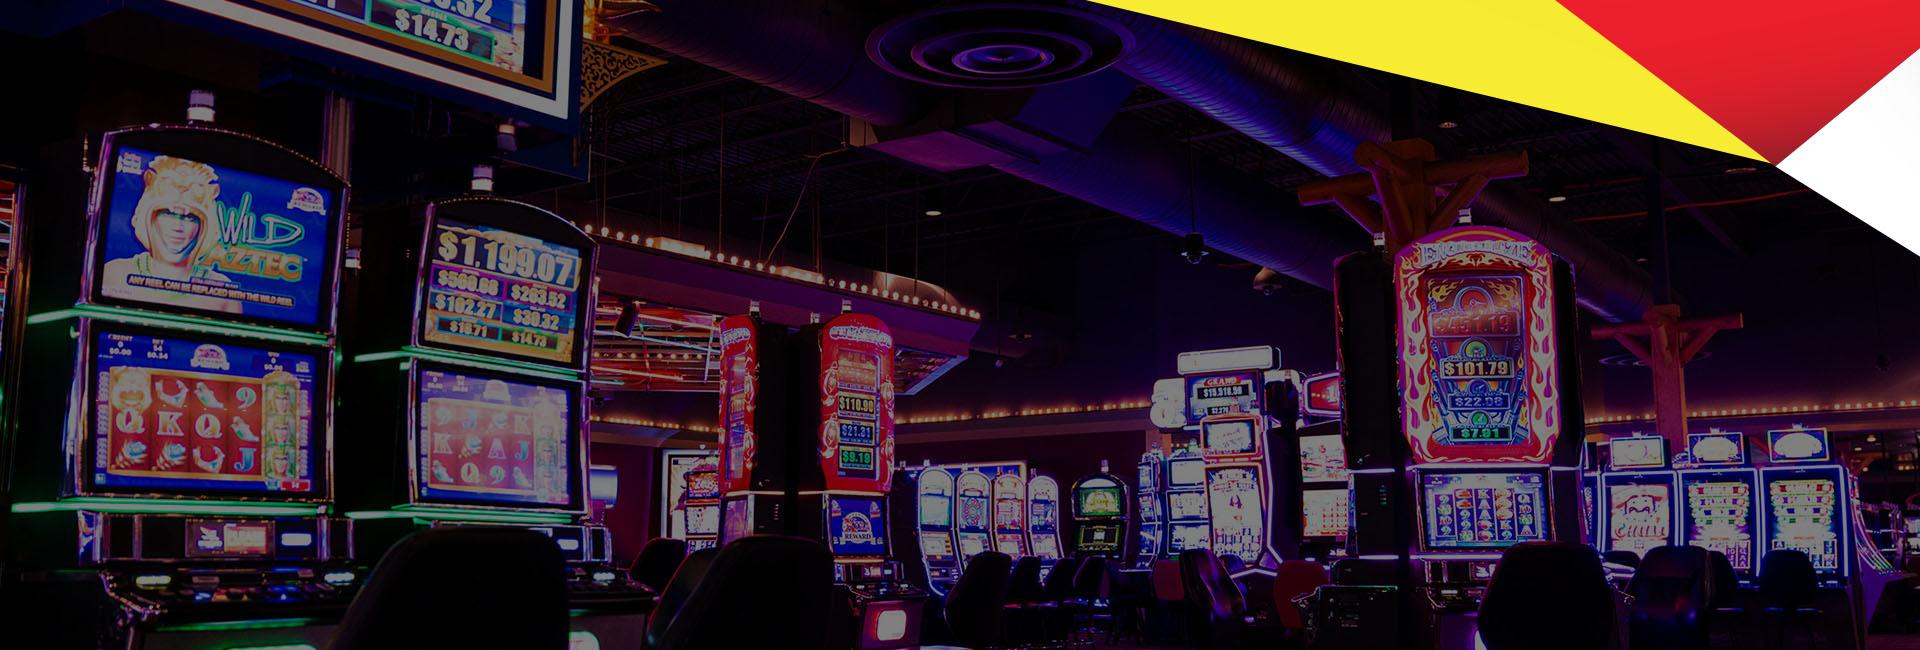 Игровые автоматы онлайн играть queen of heard